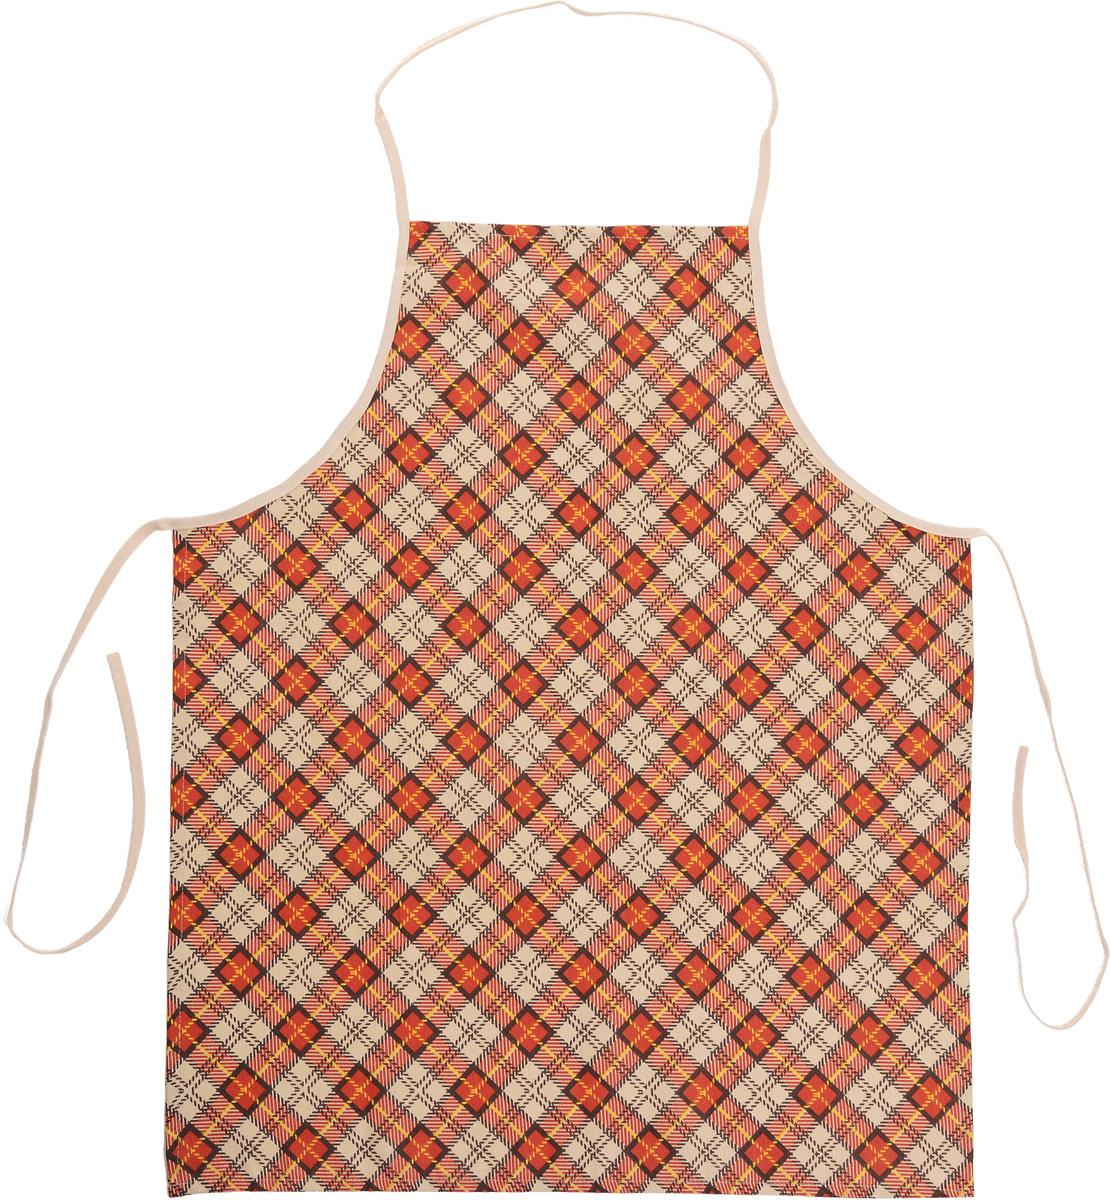 Фартук Bonita Принц Уэльский, 56 х 67 см14010816395Фартук Bonita Принц Уэльский изготовлен из натурального хлопка с покрытием, которое отталкивает грязь, воду и масло. Фартук оснащен завязками. Имеет универсальный размер. Декорирован красивым принтом в клетку, который понравится любой хозяйке. Такой фартук поможет вам избежать попадания еды на одежду во время приготовления пищи. Кухня - это сердце дома, где вся семья собирается вместе. Она бережно хранит и поддерживает жизнь домашнего очага, который нас согревает. Именно поэтому так важно создать здесь атмосферу, которая не только возбудит аппетит, но и наполнит жизненной энергией. С текстилем Bonita открывается возможность не только каждый день дарить кухне новый облик, но и создавать настоящие кулинарные шедевры. Bonita станет незаменимым помощником и идейным вдохновителем, создающим вкусное настроение на вашей кухне.